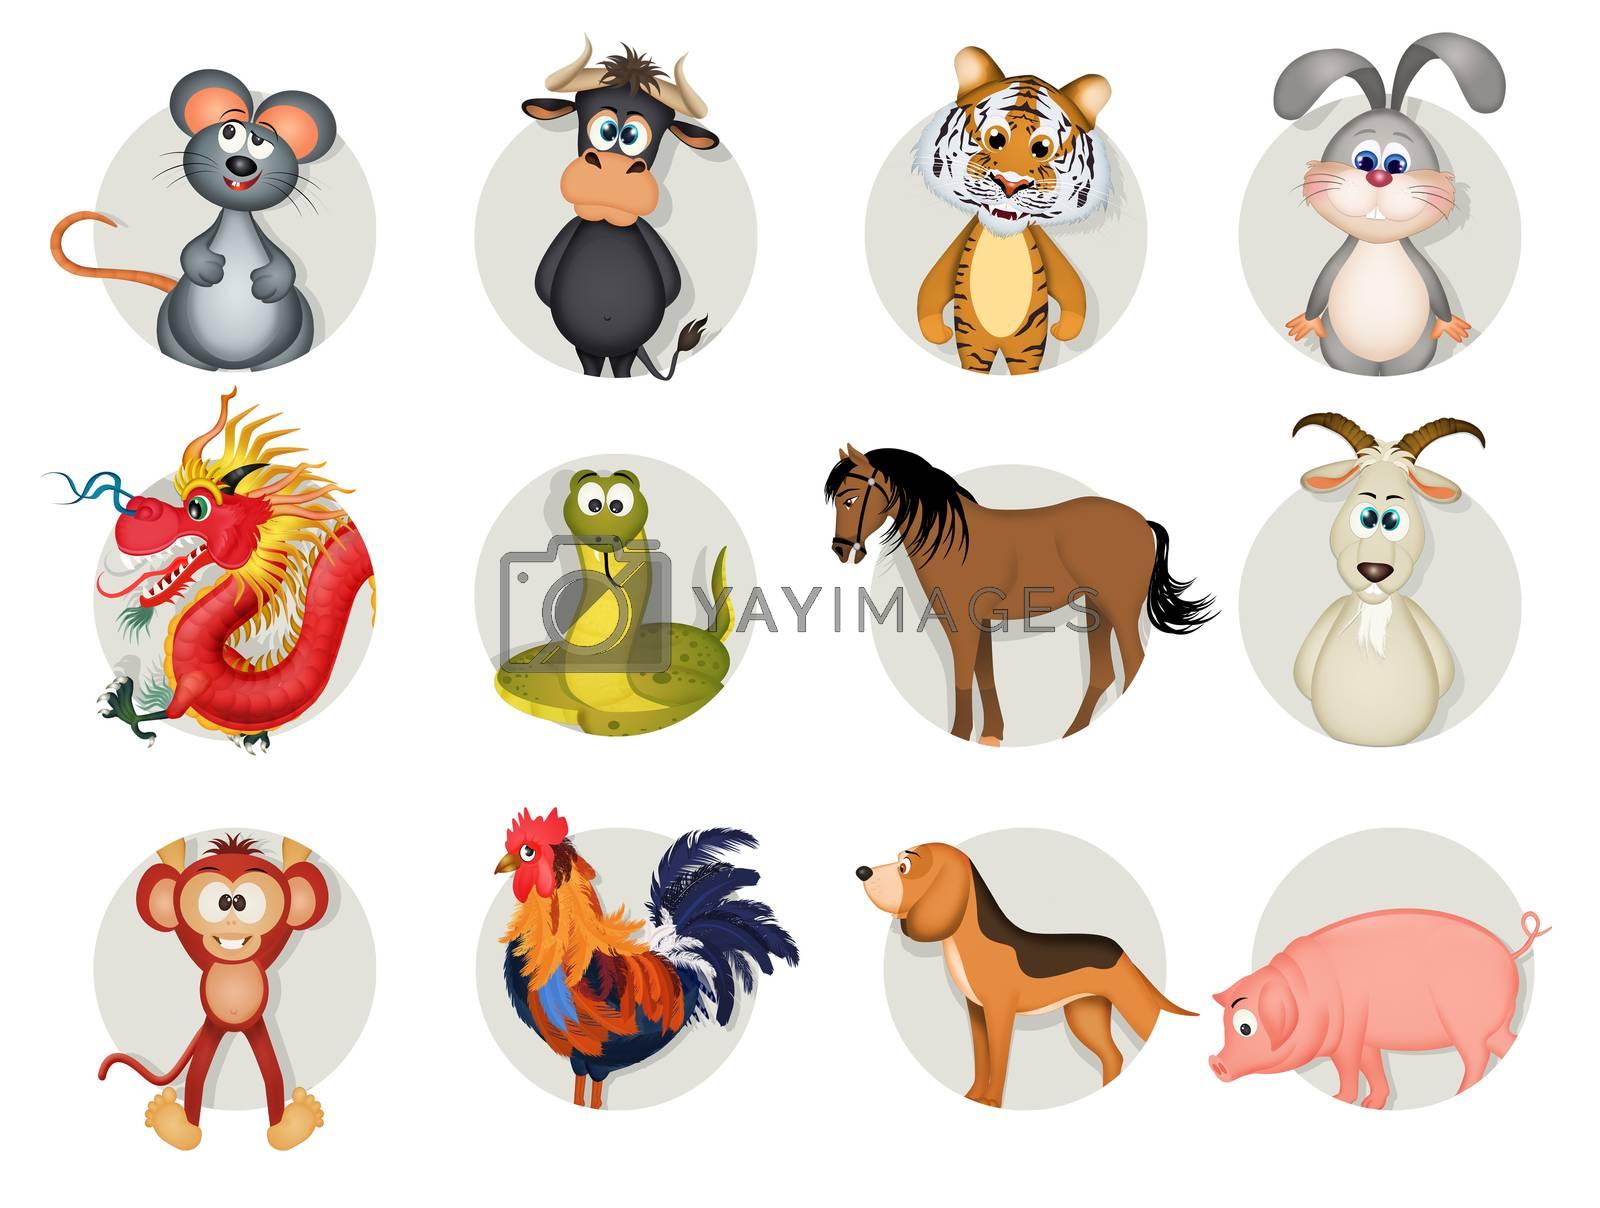 funny illustration of Chinese horoscope